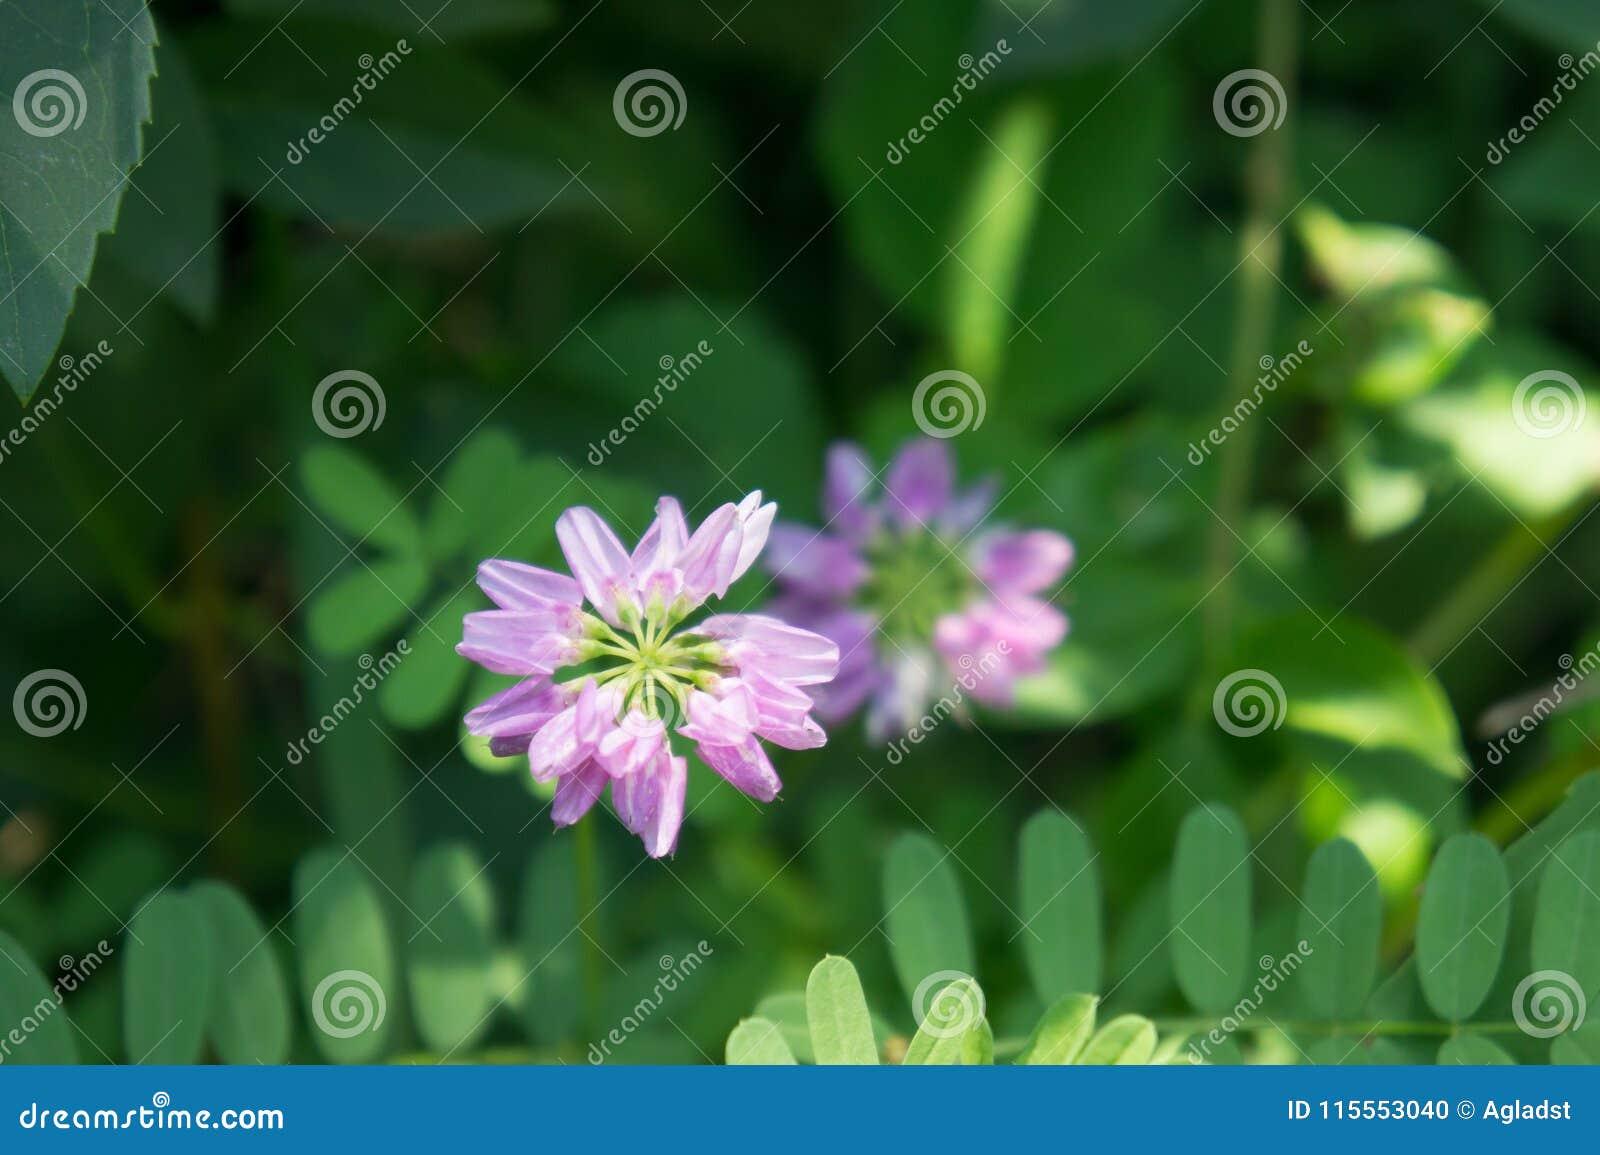 Crown vetch securigera varia blooming in summer stock photo image crown vetch securigera varia blooming in summer izmirmasajfo